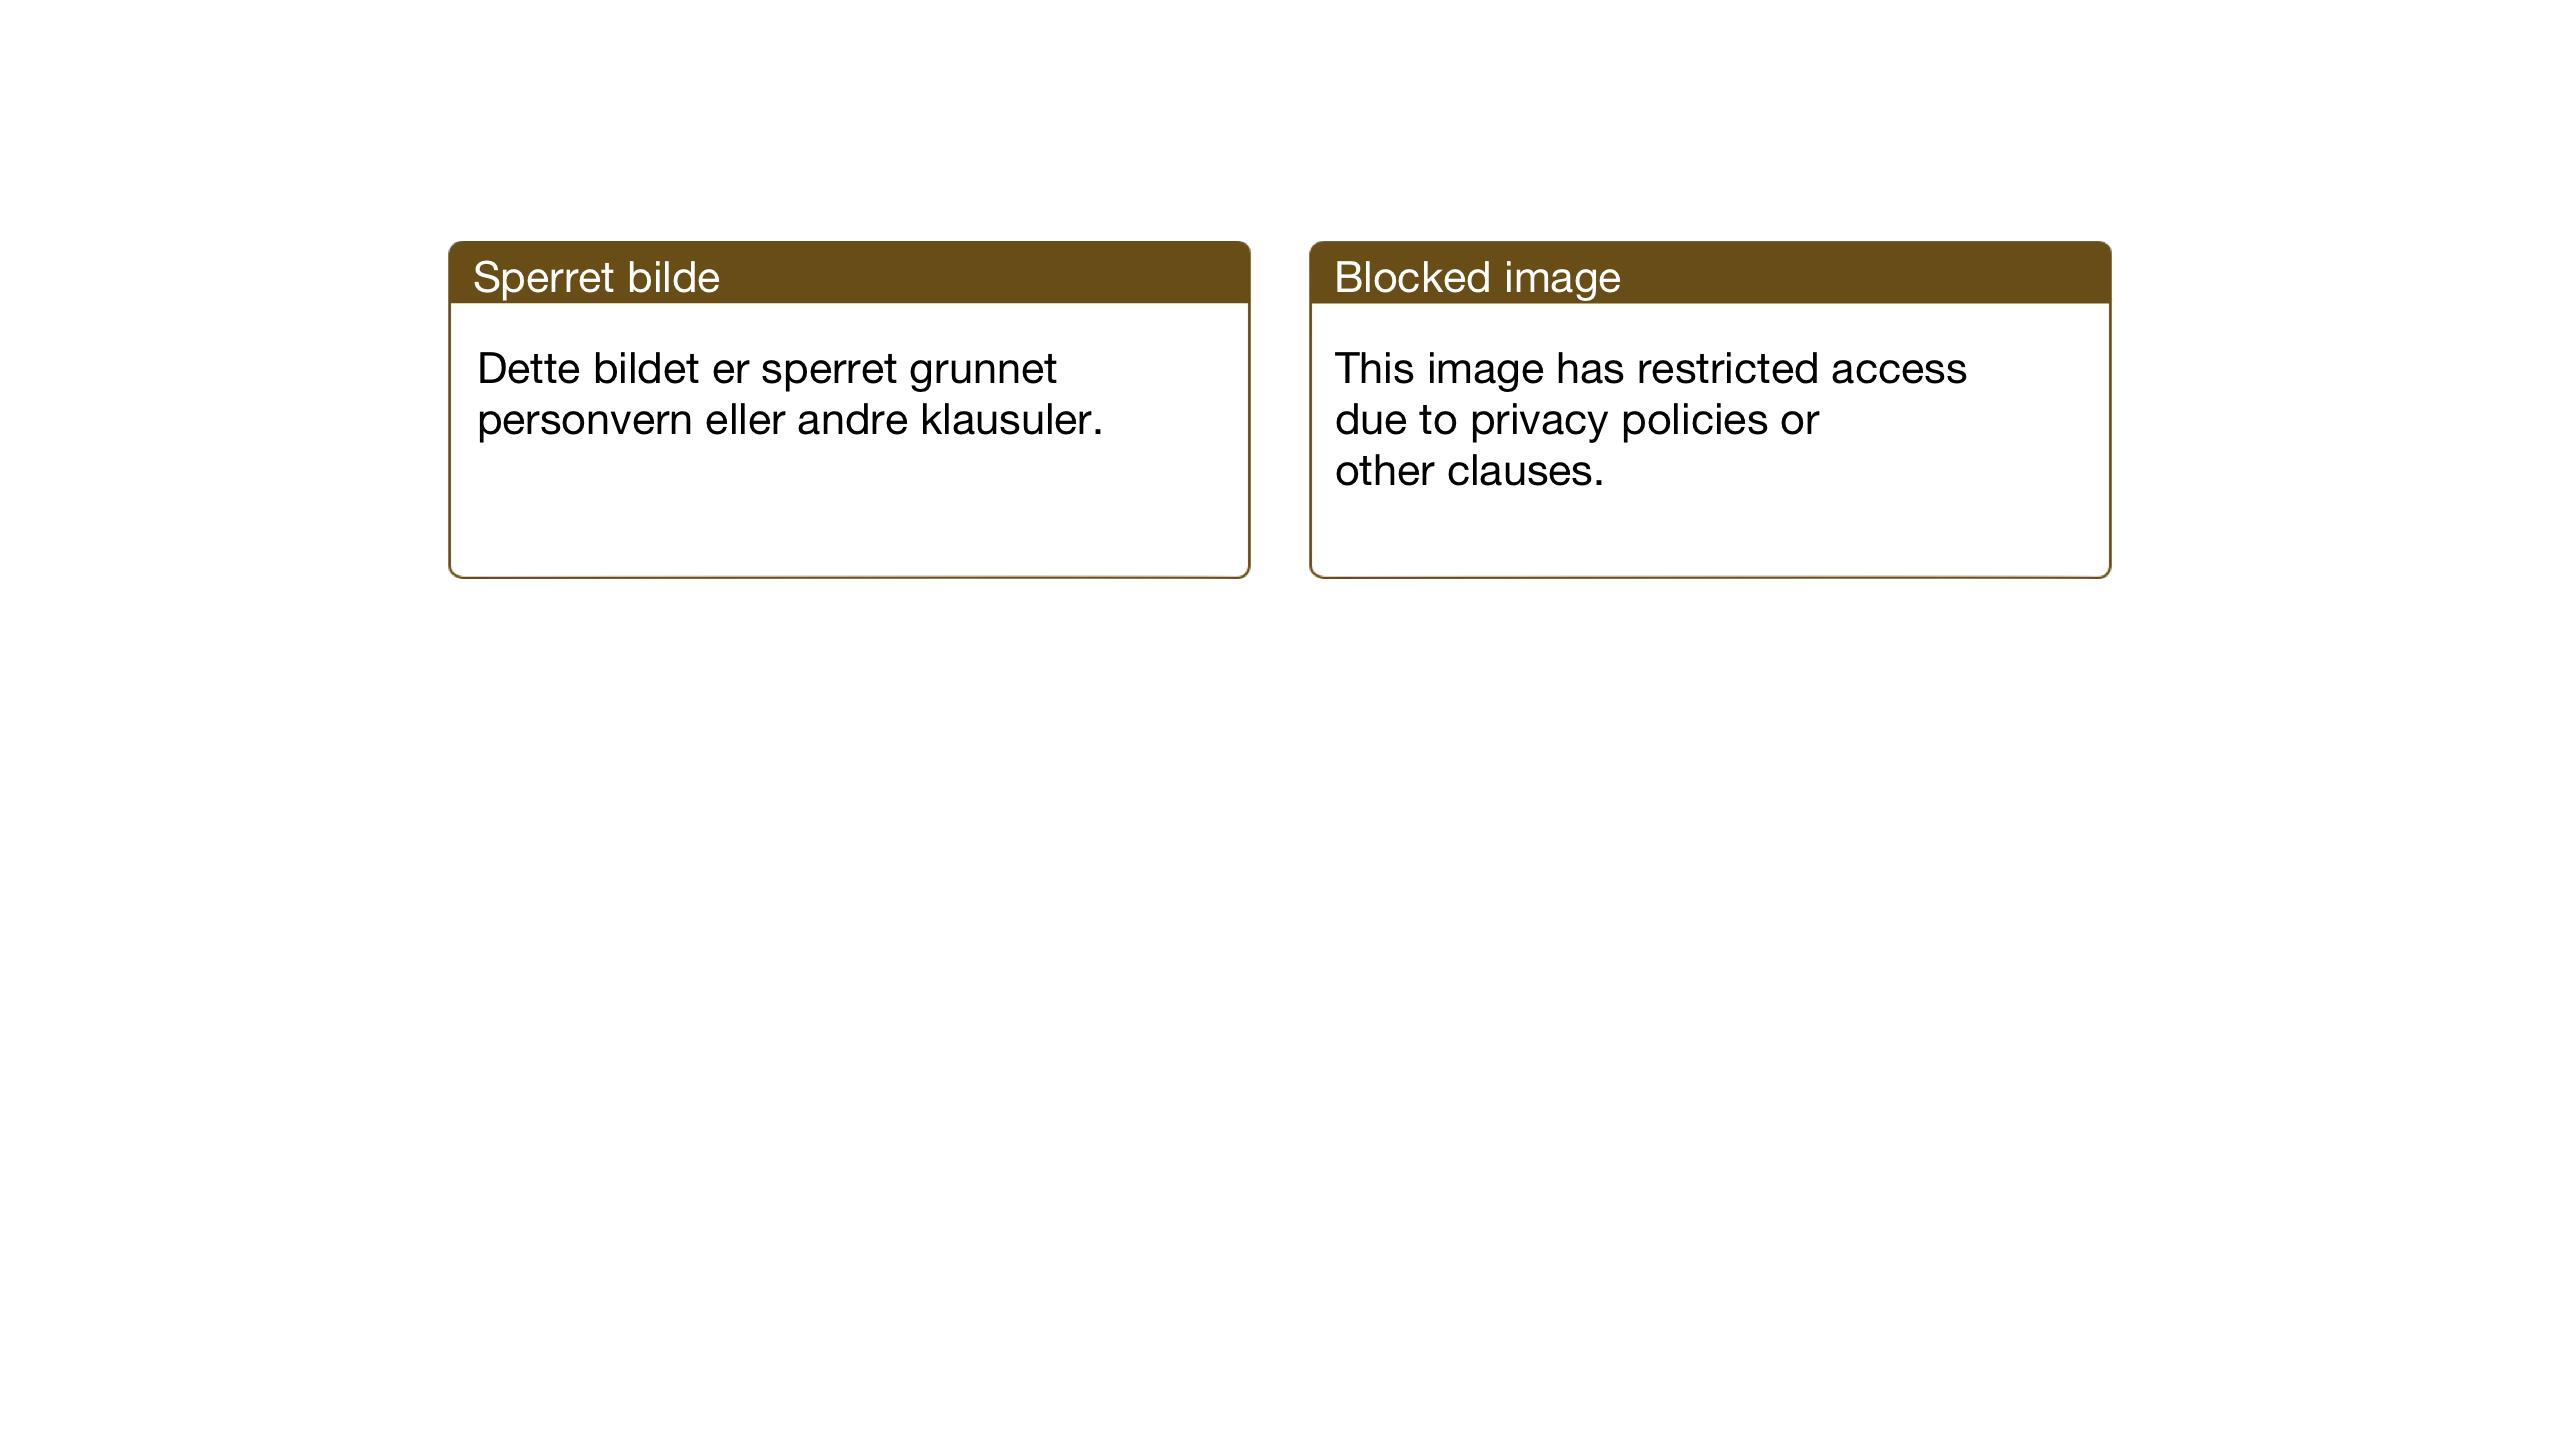 SAT, Ministerialprotokoller, klokkerbøker og fødselsregistre - Nord-Trøndelag, 755/L0500: Klokkerbok nr. 755C01, 1920-1962, s. 122